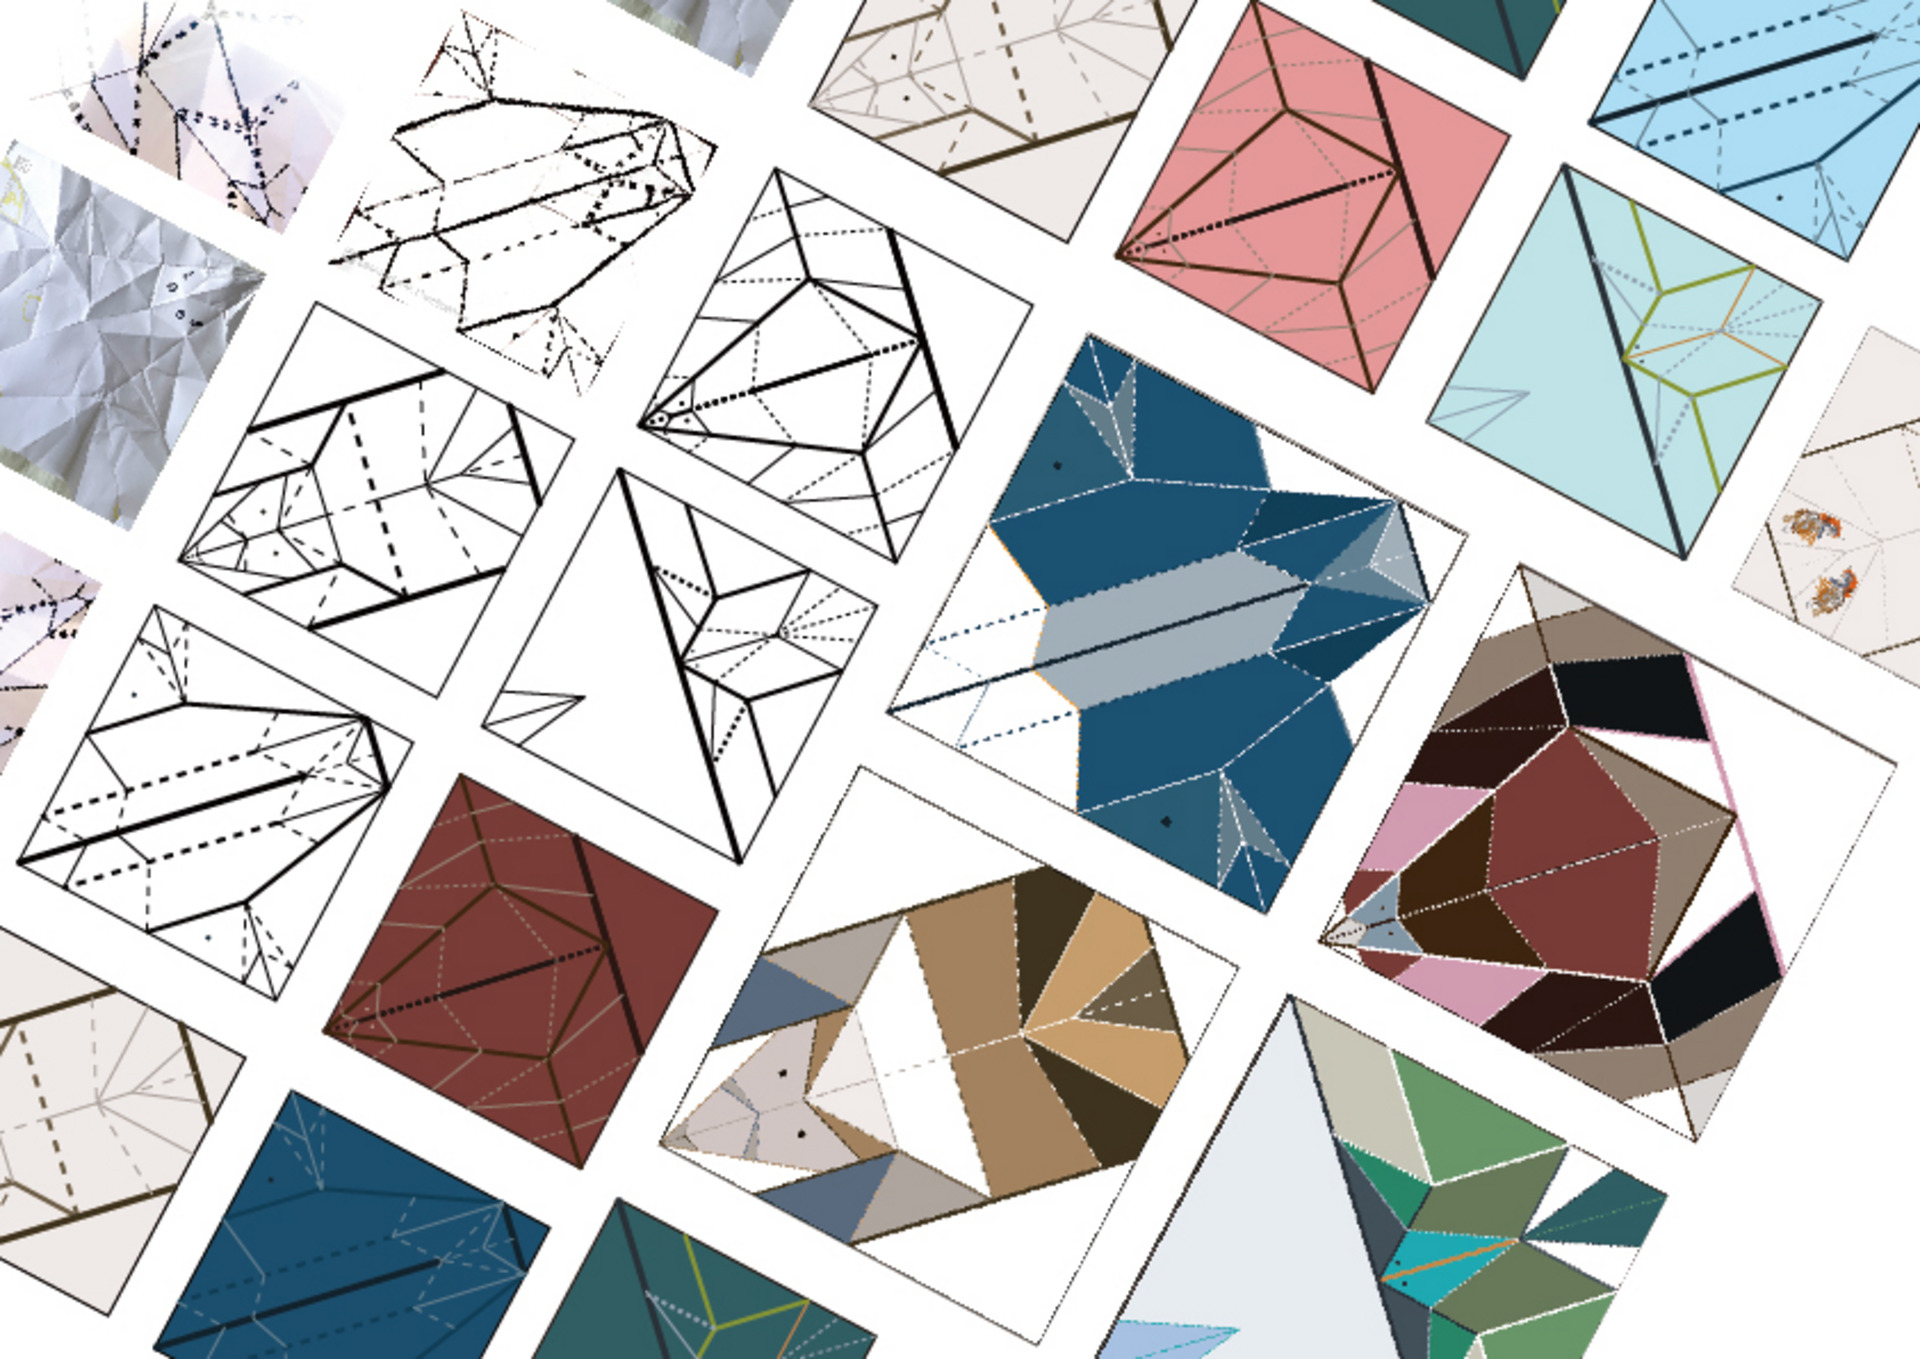 Trials of Patterns